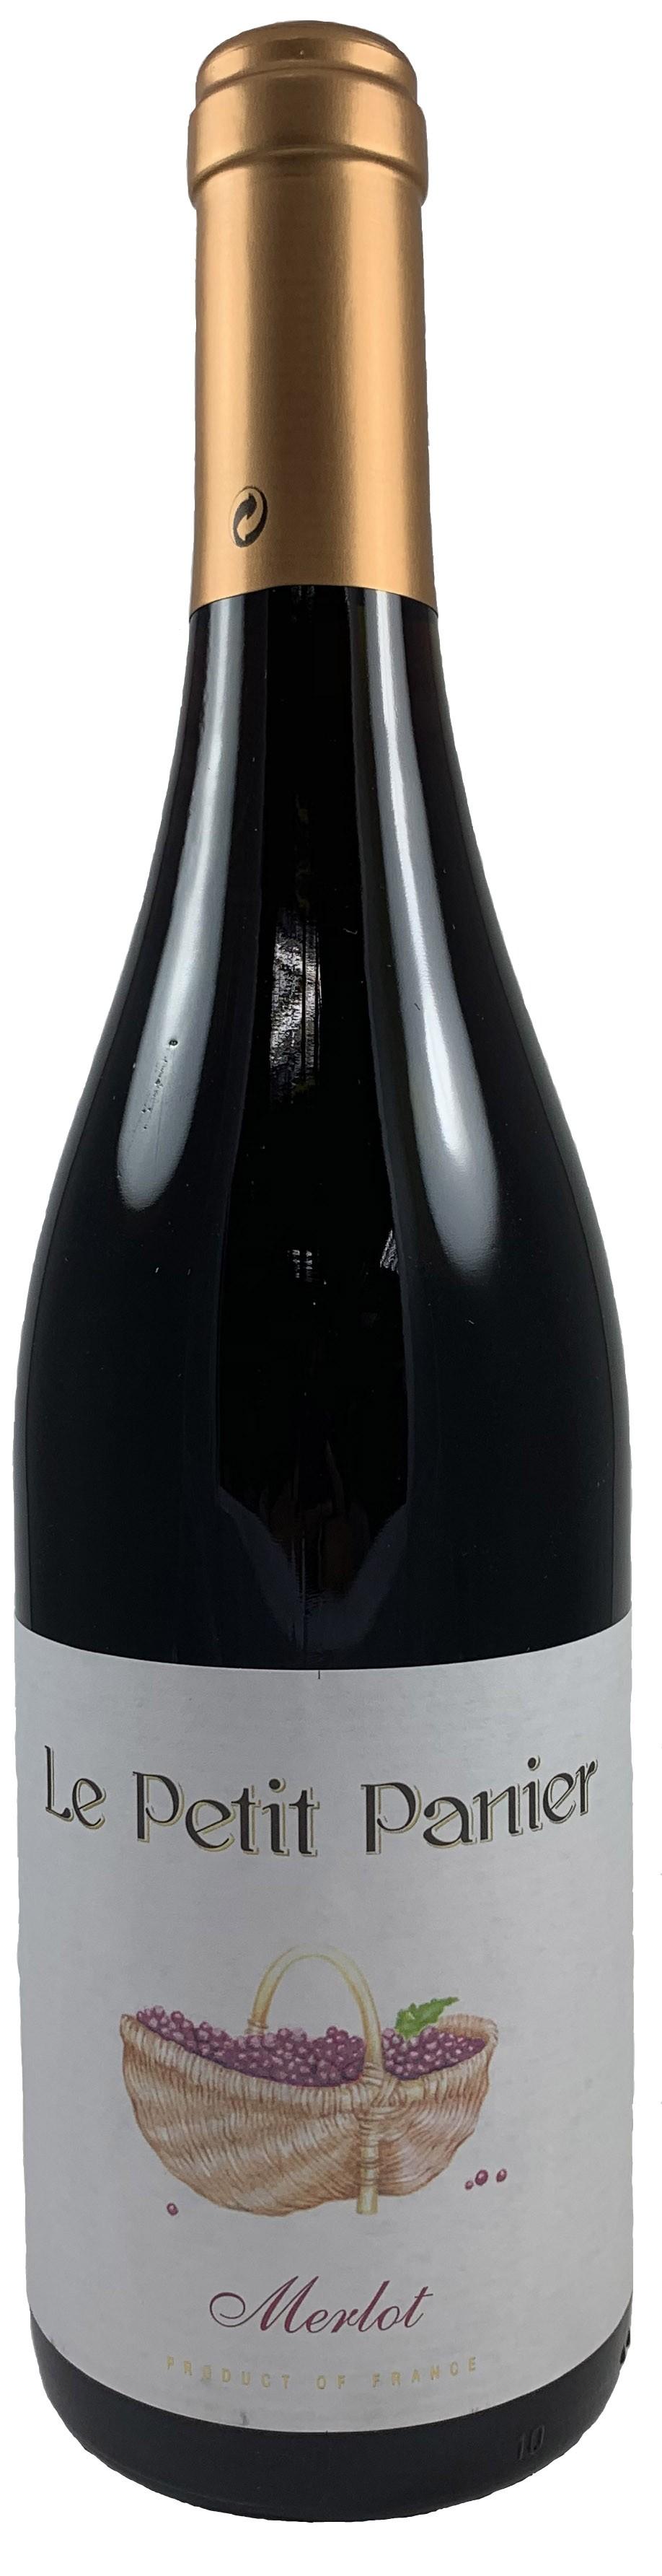 法國西南產區小籃子梅洛紅葡萄酒 2019